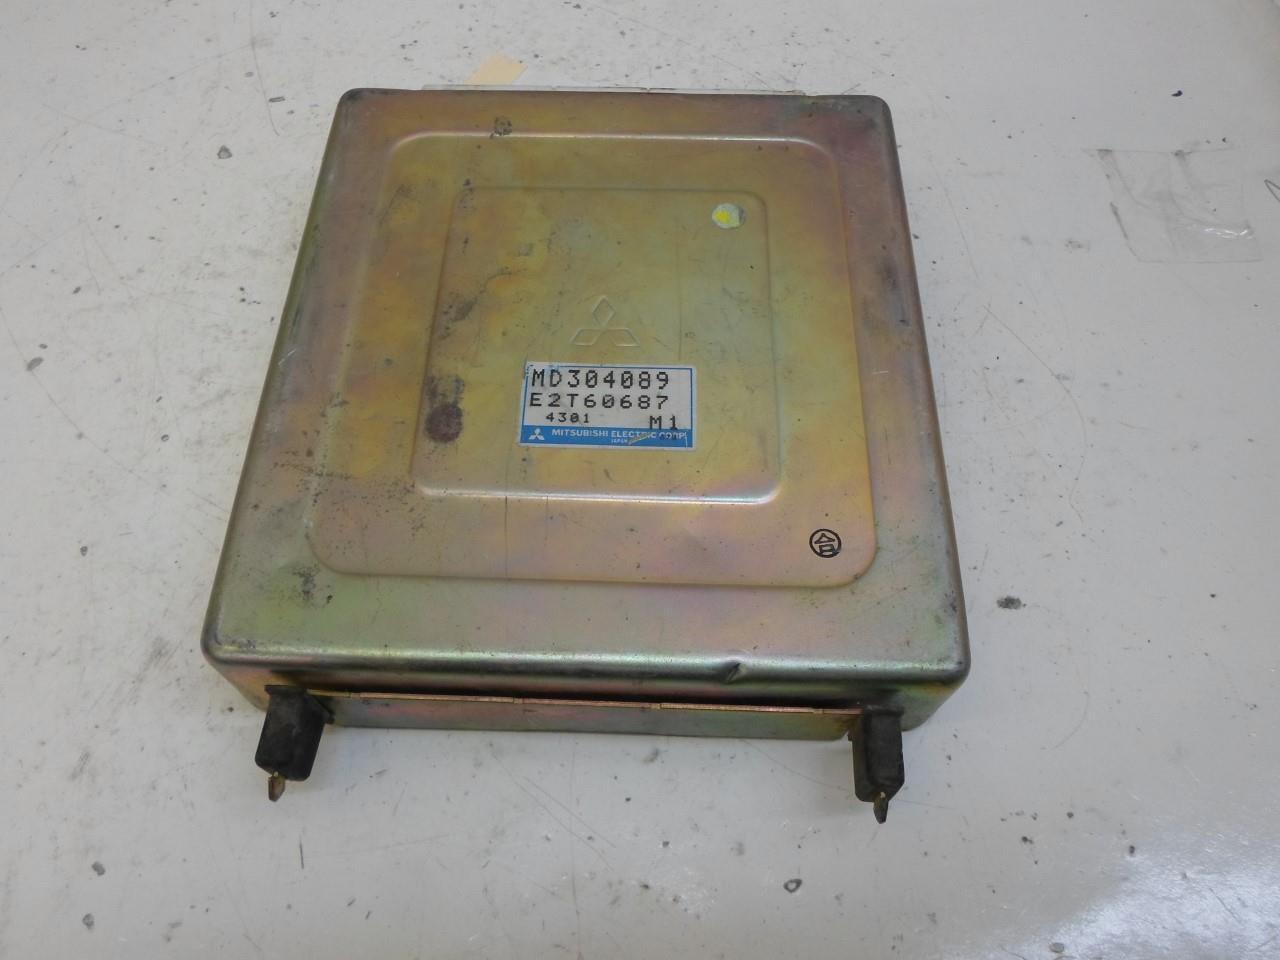 1994-1995 Mitsubishi Galant ecm  ecu computer MD304089